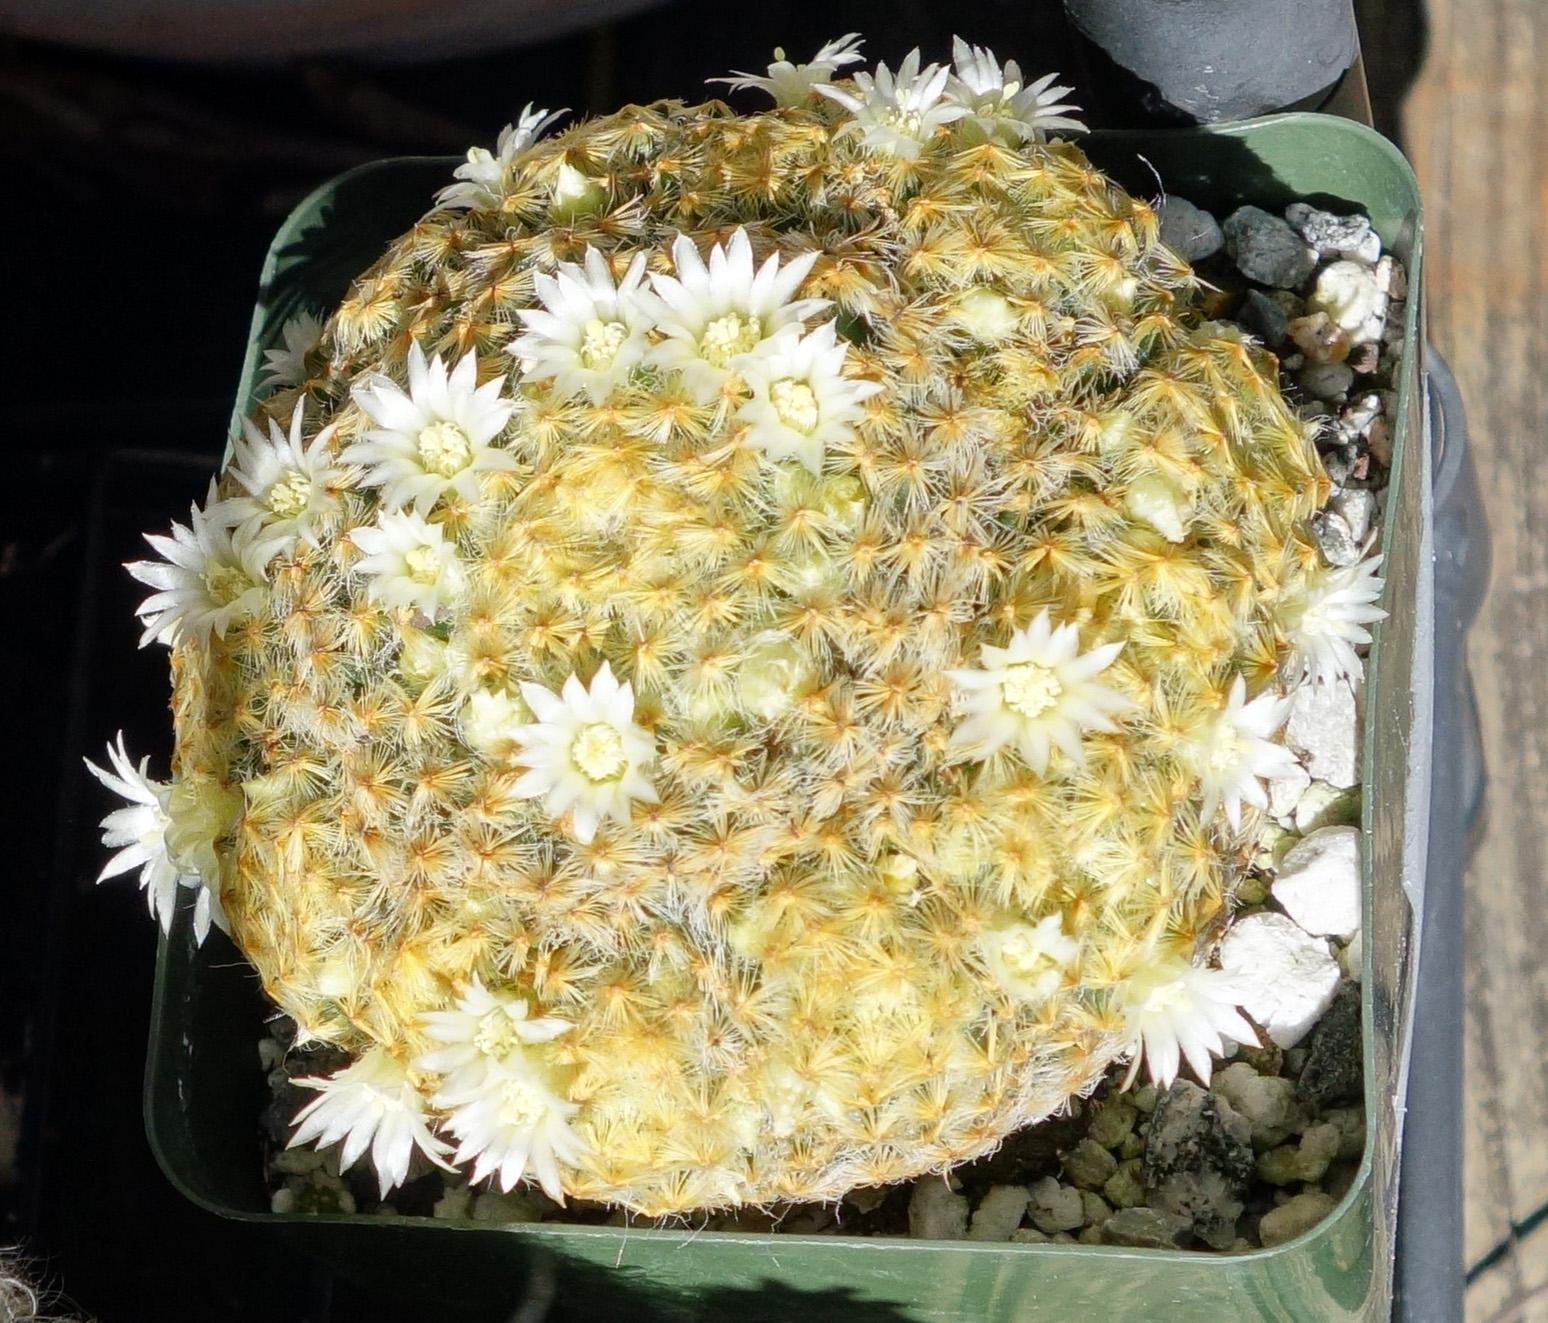 M schiedeana 10-19-17 blooms.jpg